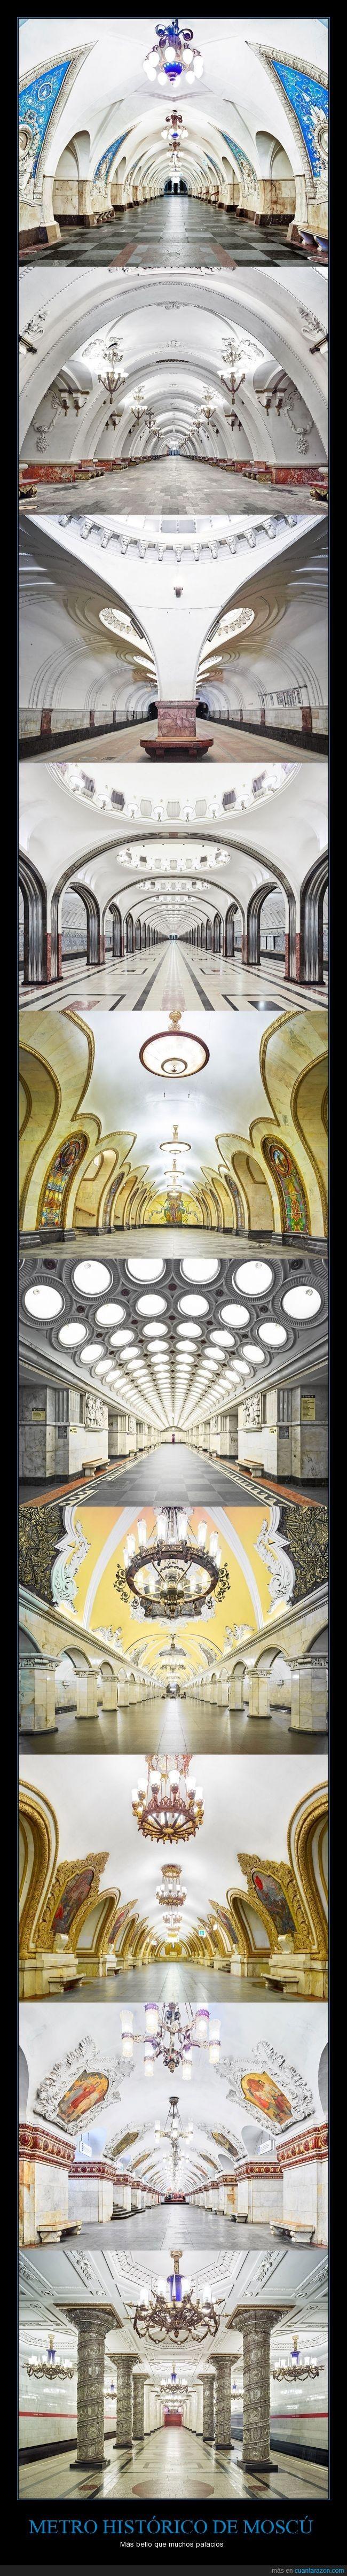 Igualito que el metro en mi ciudad, vamos... - Más bello que muchos palacios   Gracias a http://www.cuantarazon.com/   Si quieres leer la noticia completa visita: http://www.estoy-aburrido.com/igualito-que-el-metro-en-mi-ciudad-vamos-mas-bello-que-muchos-palacios/